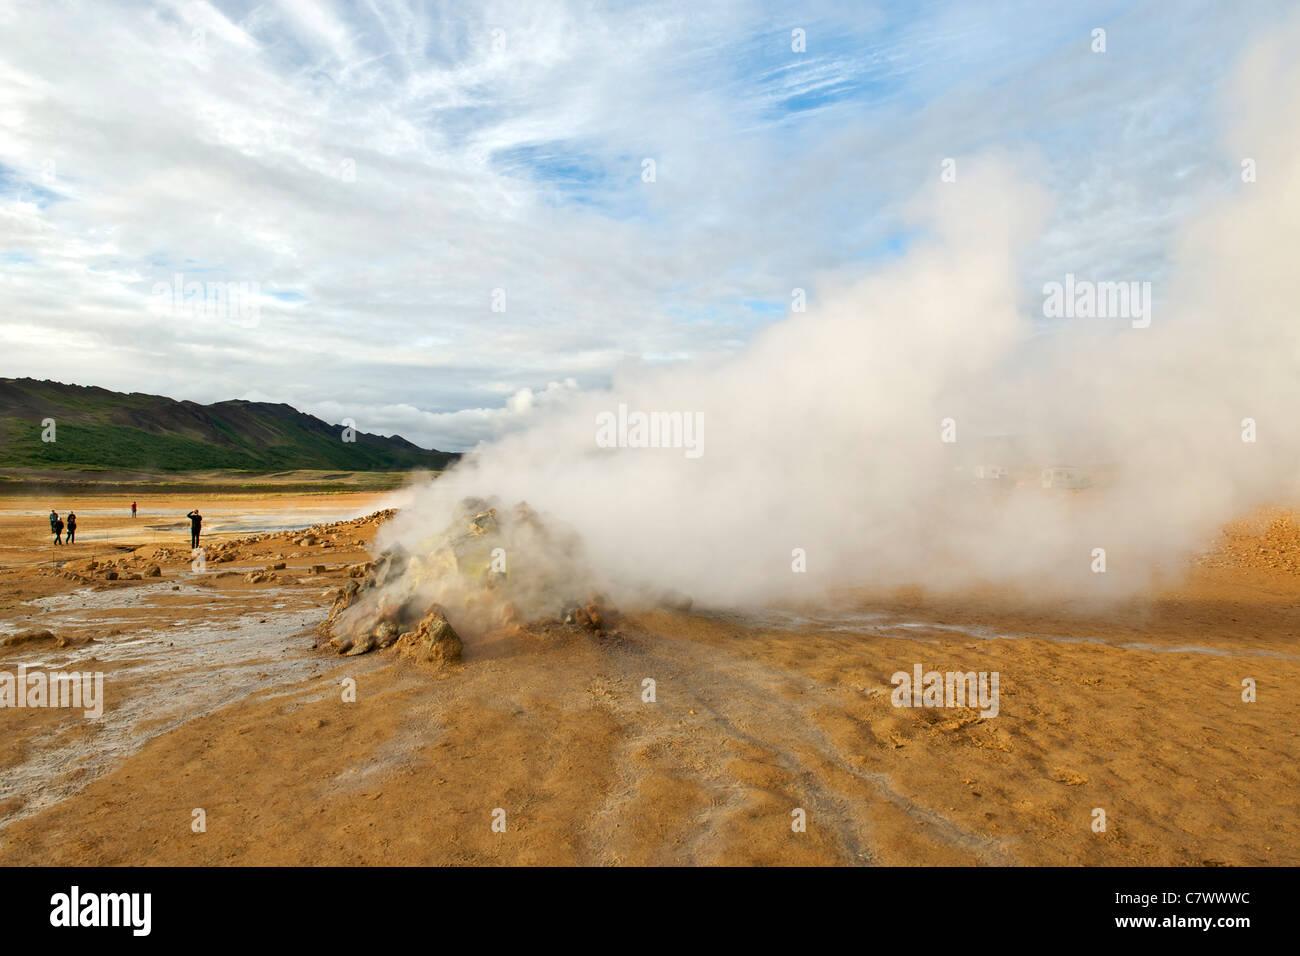 Dampfende Fumarolen (Vulkanschlote) im Hverir (aka Hverarond) östlich von Myvatn im Nordosten Islands. Stockbild